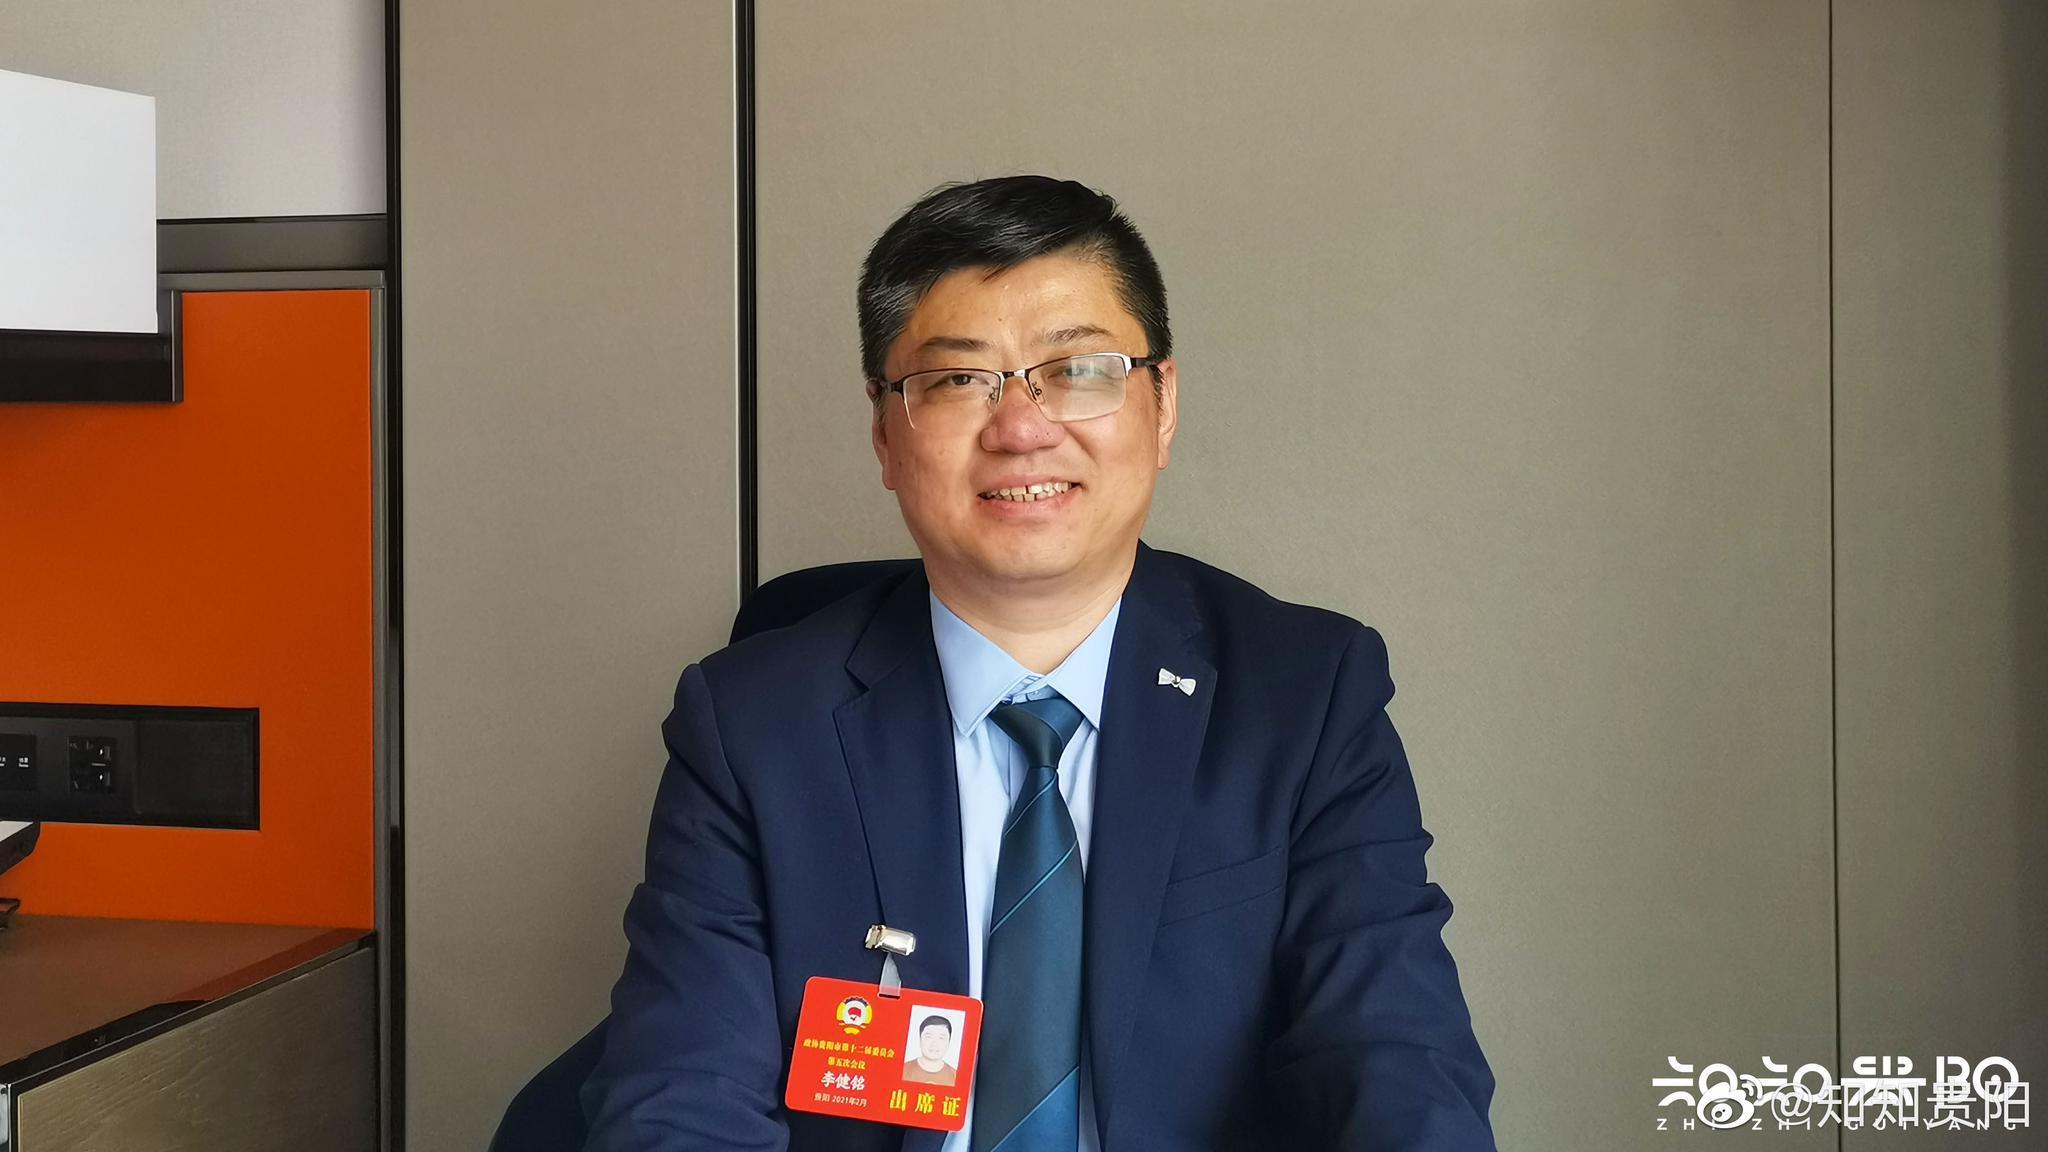 丨李健铭:积极发展影视文化产业 促进贵阳电影繁荣发展的建议……